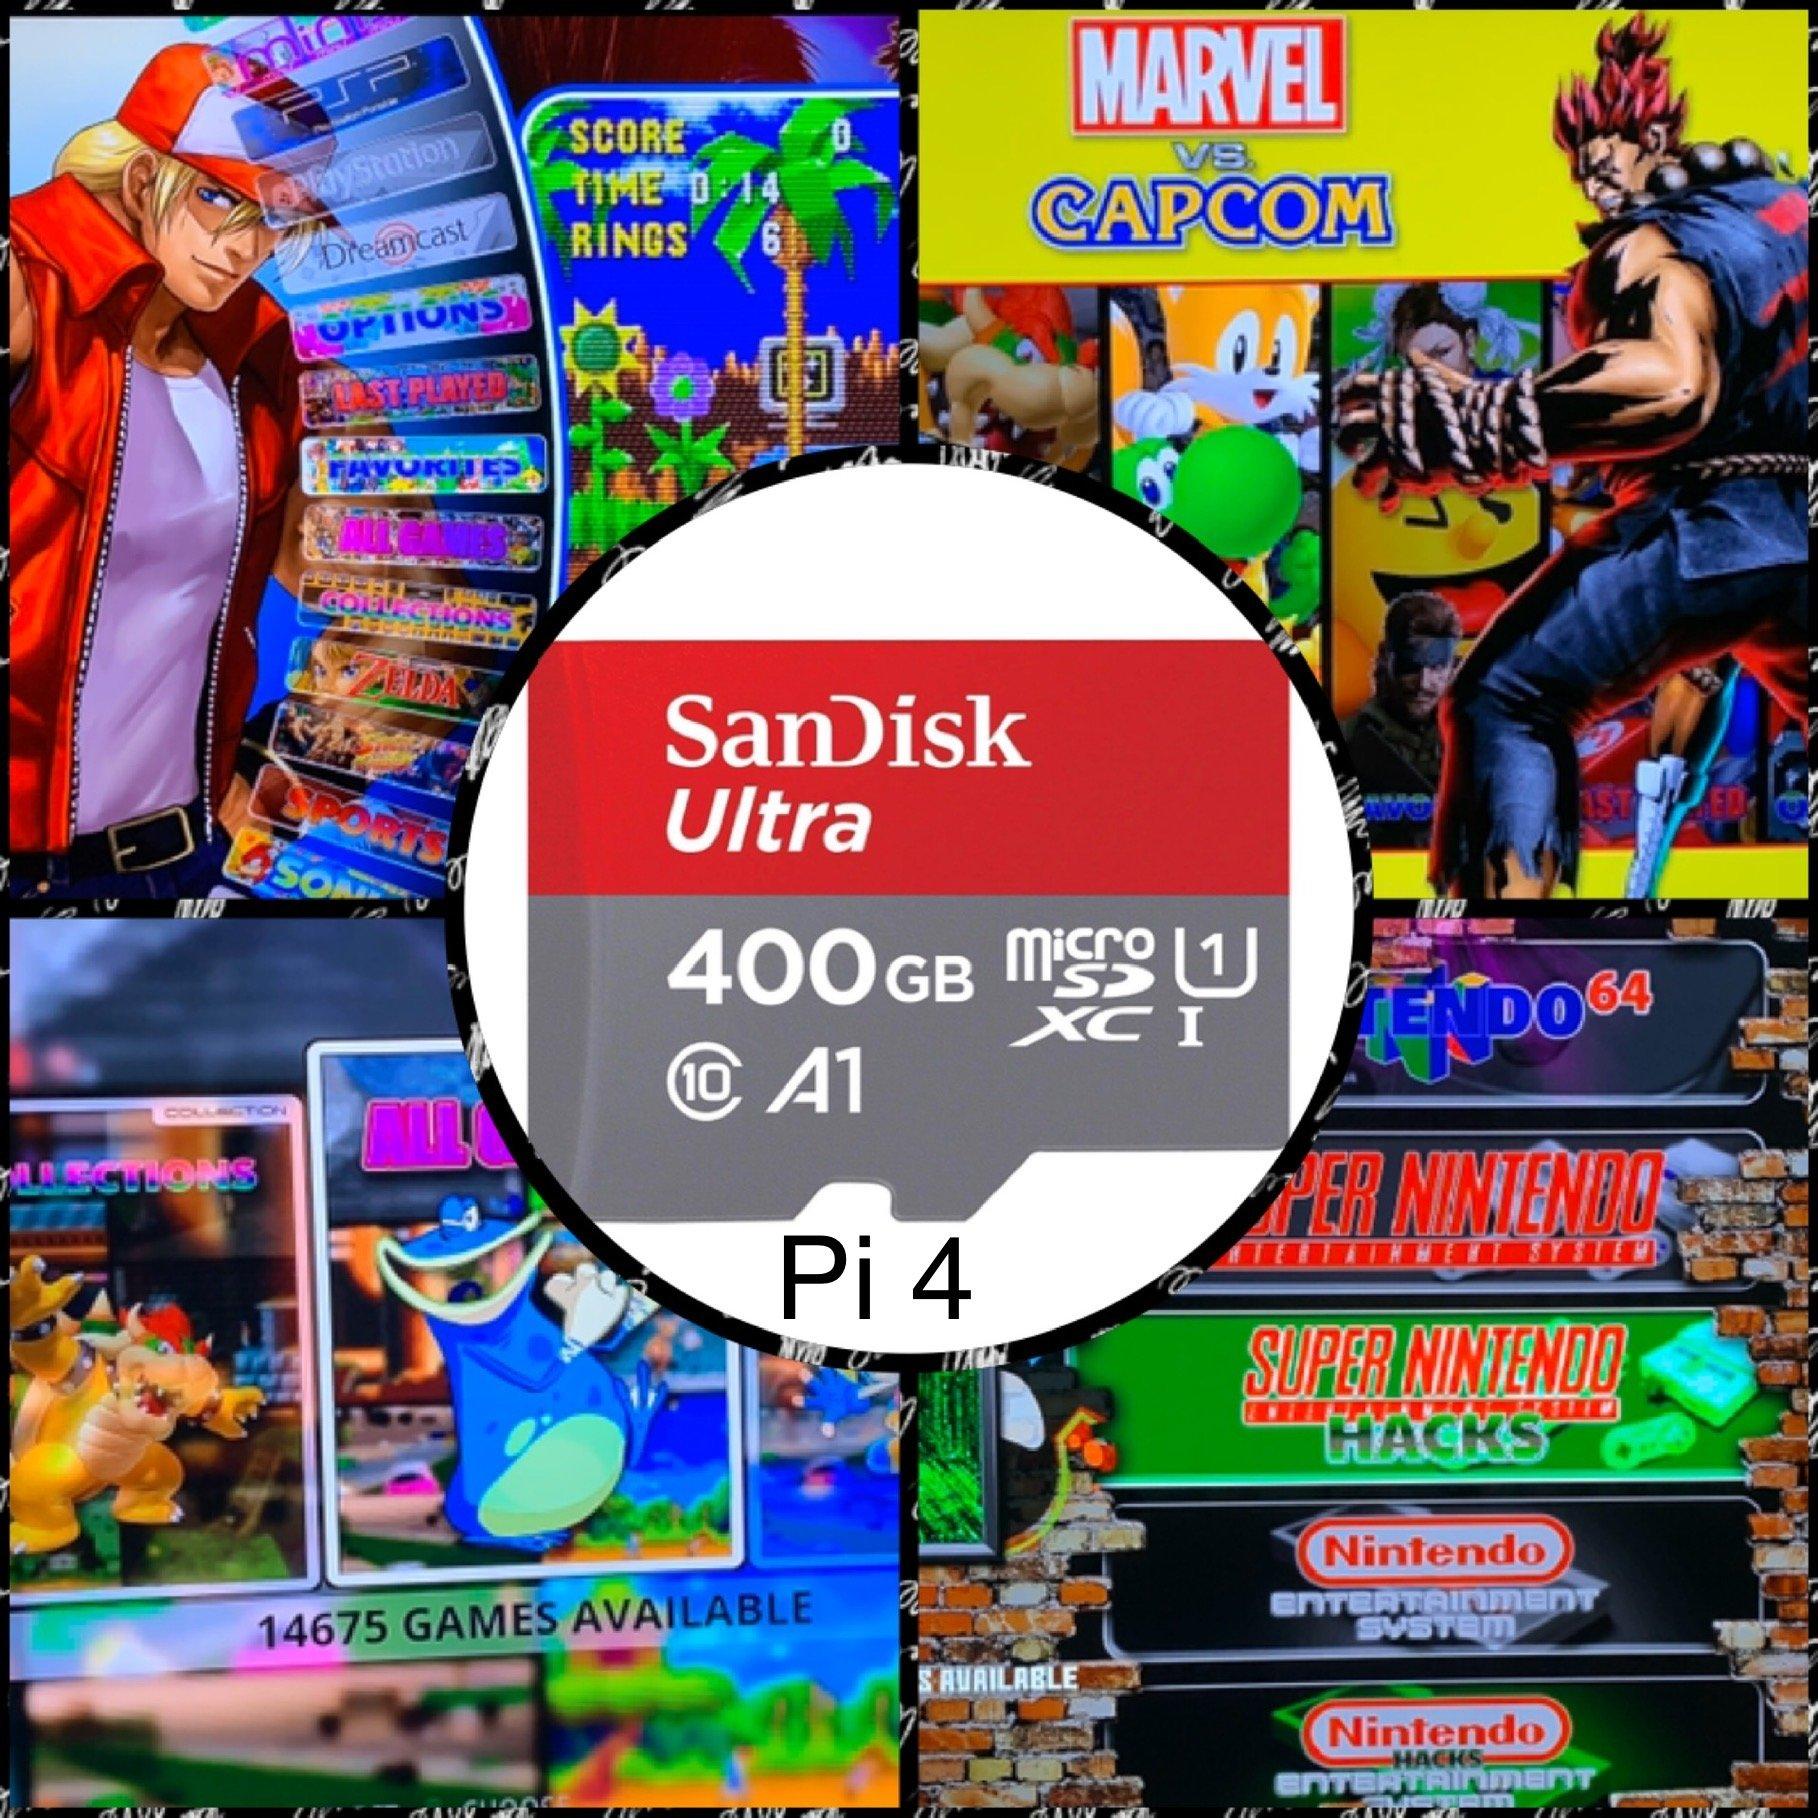 400GB ريتروبي 4.6 محطة مضاهاة بطاقة SD-لراسبيري بي 4 ، Boxart ثلاثية الأبعاد ، معاينات الفيديو-14,600 + ألعاب 50 أنظمة